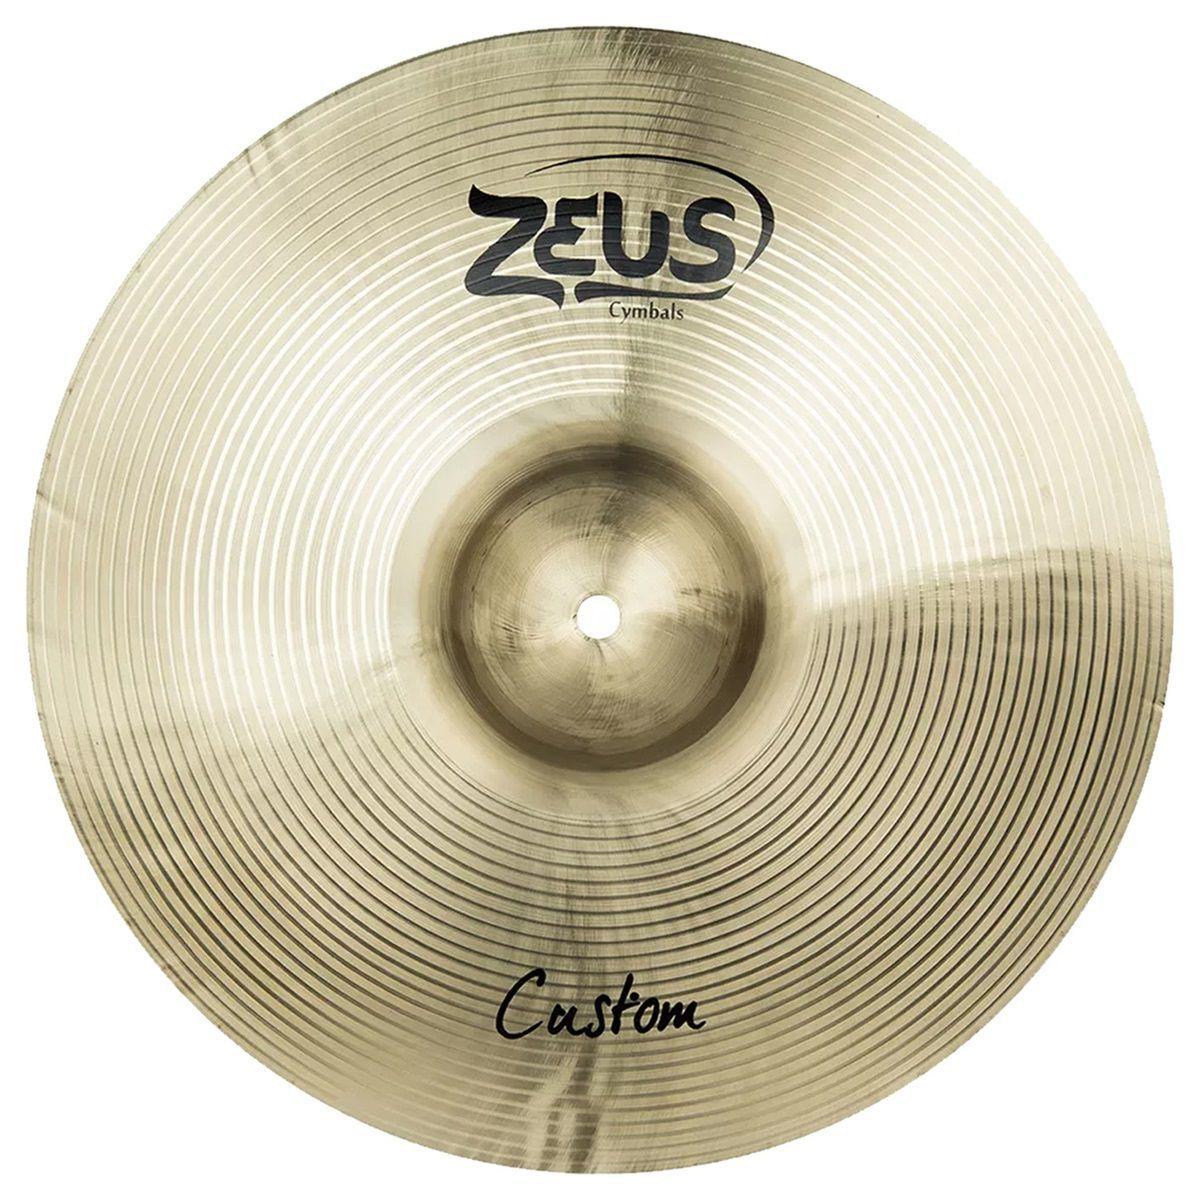 Kit De Pratos Zeus B20 Custom Set C 14 16 20 Com Bag